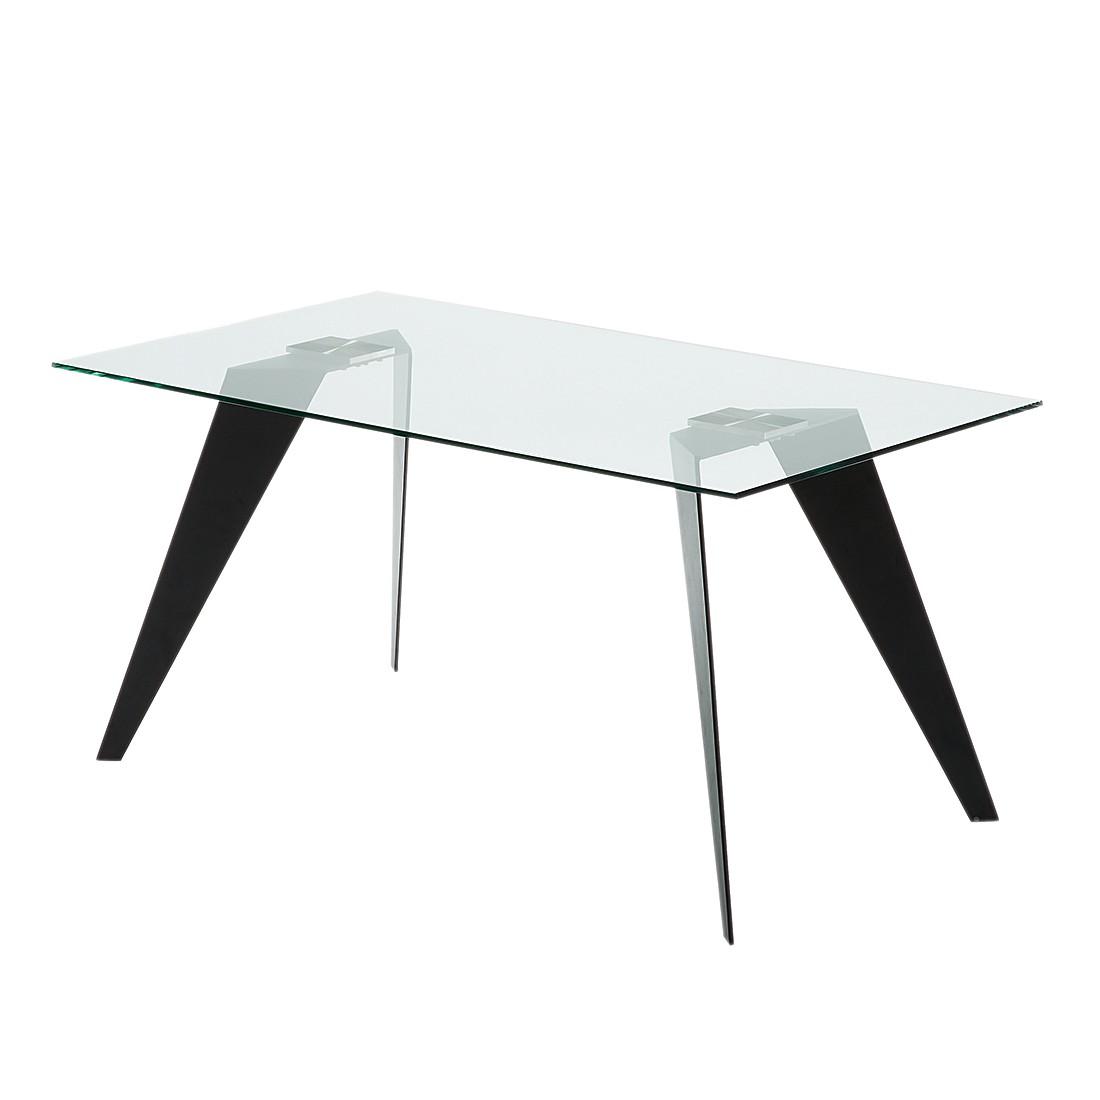 Esstisch glas edelstahl  Esstisch Glas- 160 Cm Preisvergleich • Die besten Angebote online ...